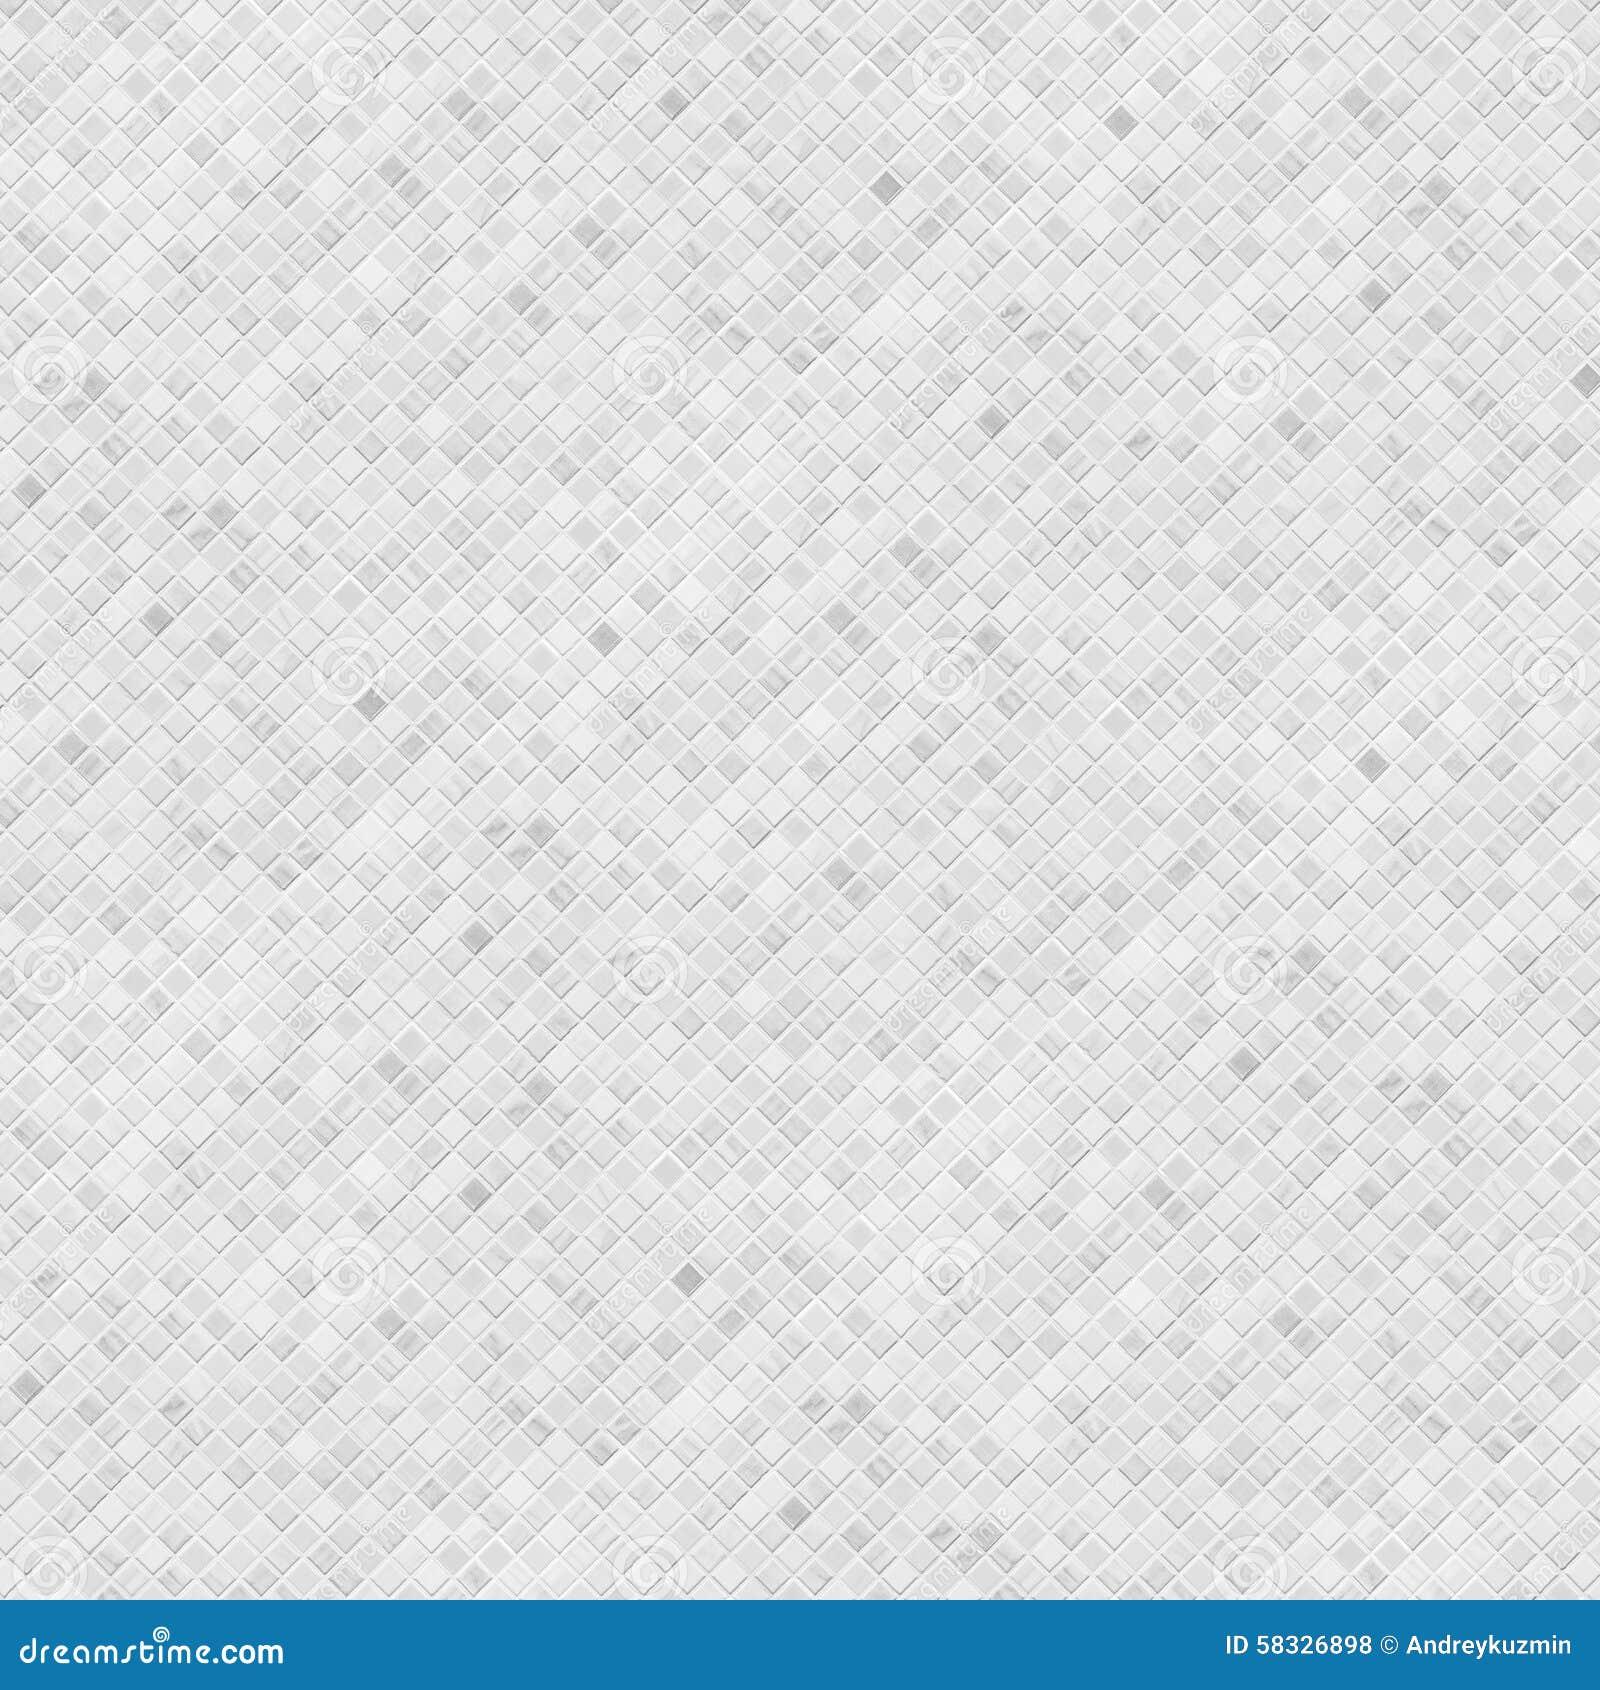 White ceramic bathroom tiles - White Ceramic Bathroom Wall Diagonal Tile Pattern Stock Photo